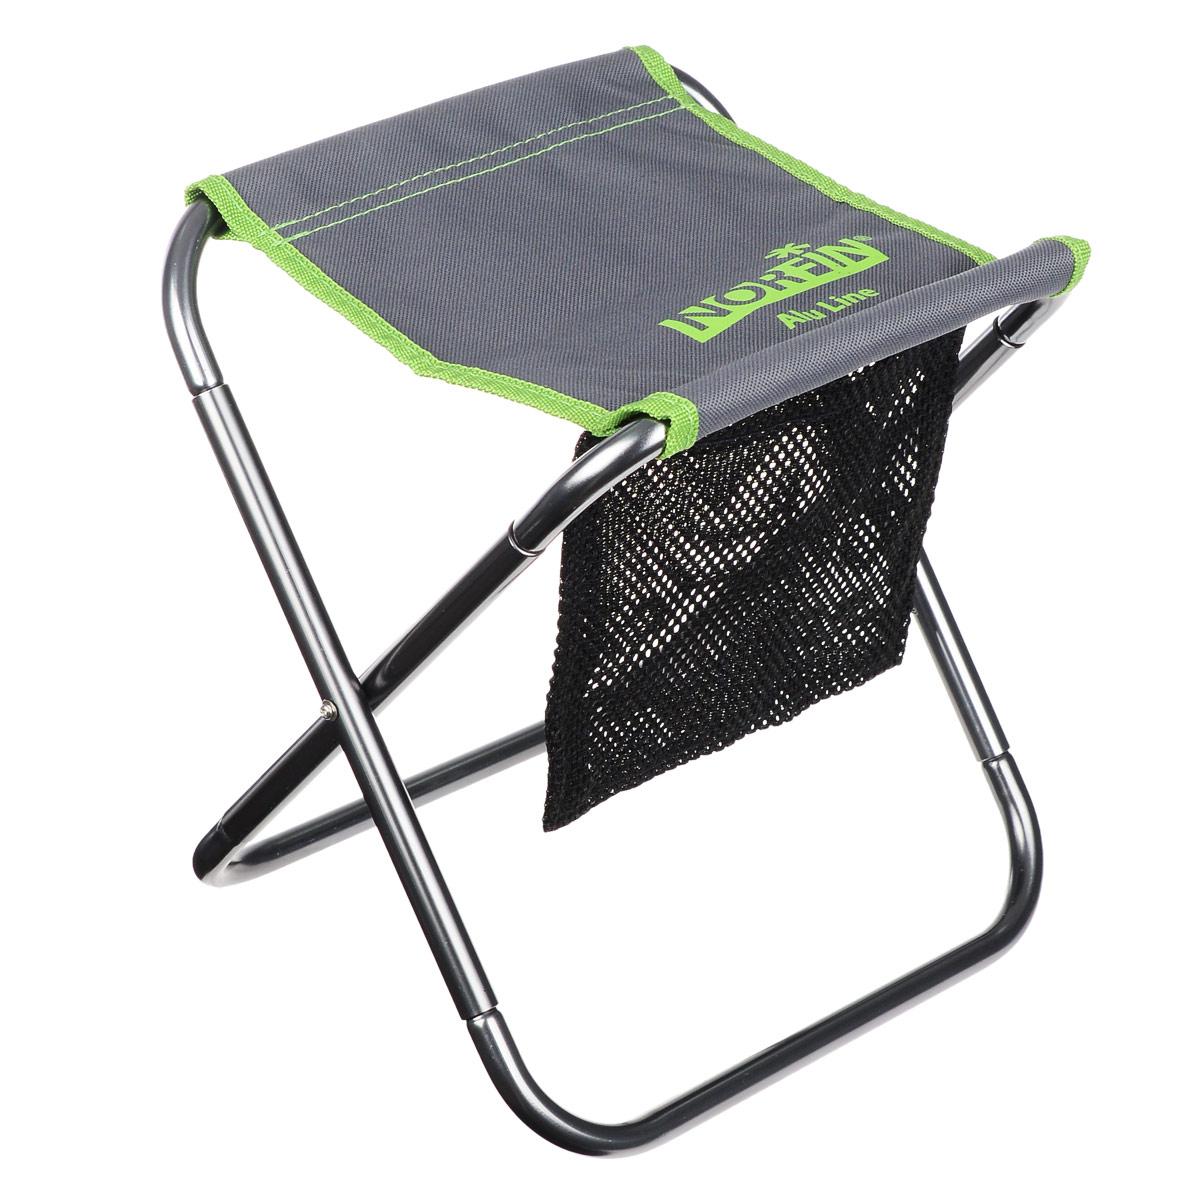 Стул складной Norfin Sandnes NF Alu, цвет: серый, зеленый, 22 см х 20 см х 27 смNF-20216Складной стул Norfin Sandnes NF Alu имеет очень маленькие размеры, ножки стула разбираются и складываются. При том что стул очень легкий, он выполнен из авиационного алюминия и ультрапрочной ткани, поэтому может выдерживать вес до 120 кг. Он легко поместится в кармане вашей одежды либо в кармане вашего рюкзака. В комплекте чехол для переноски и хранения.